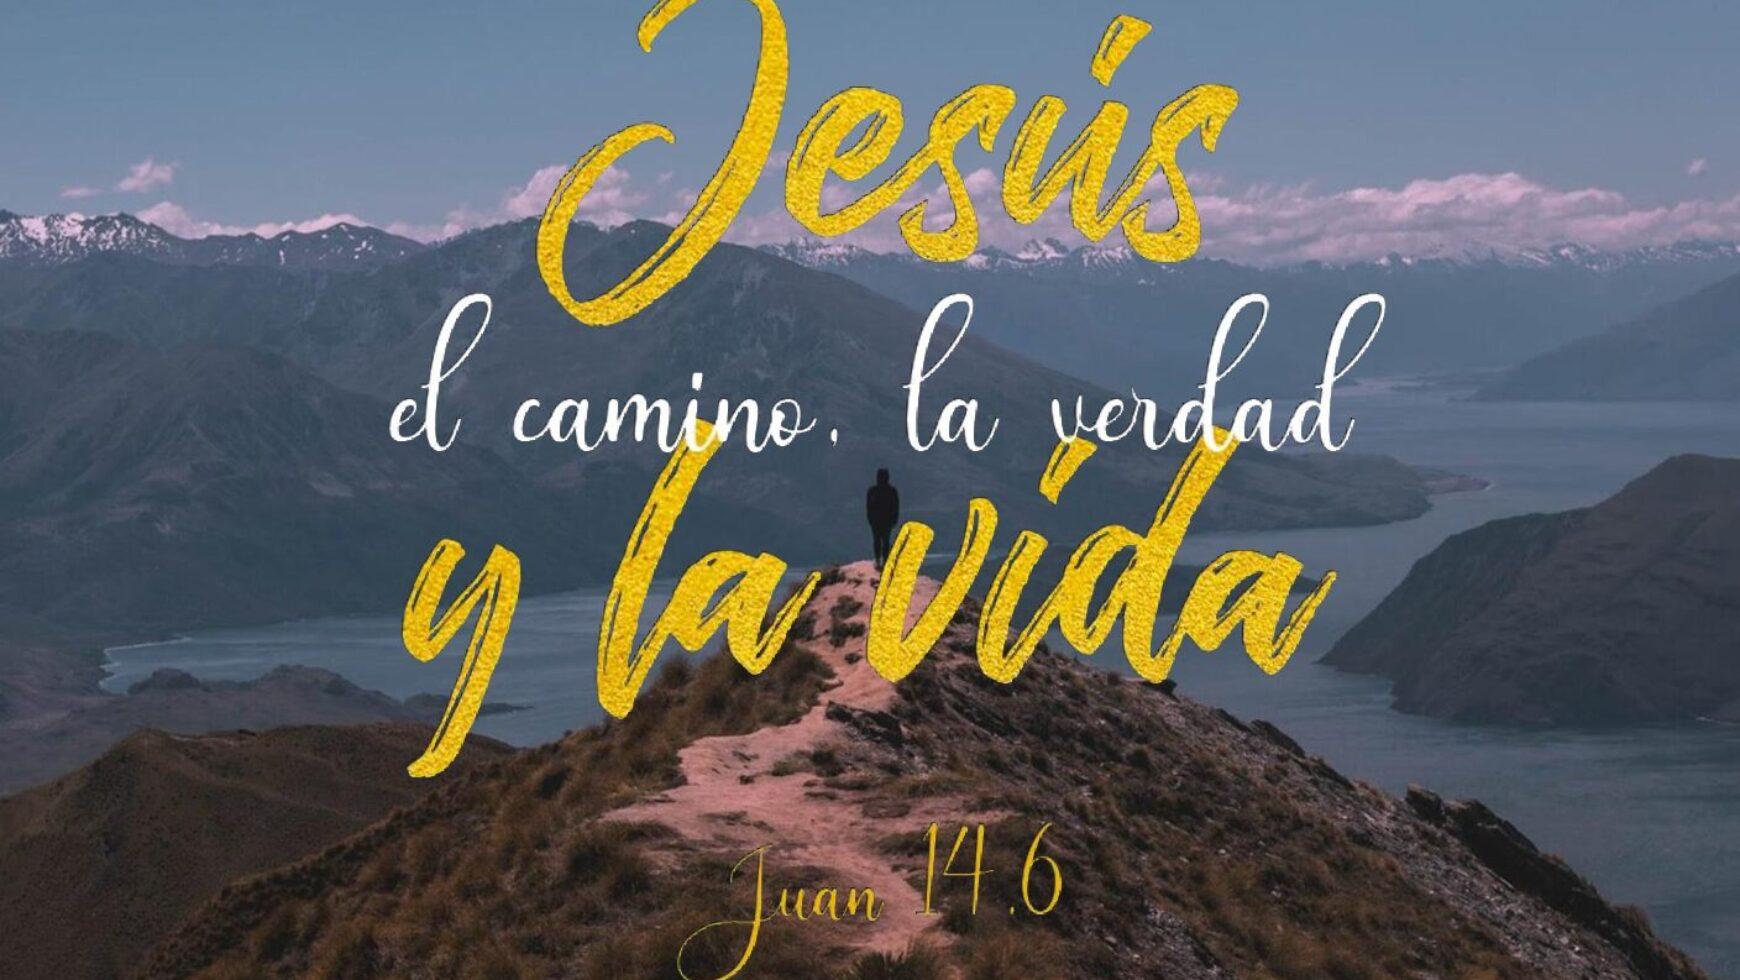 Jesús el camino, la verdad y la vida